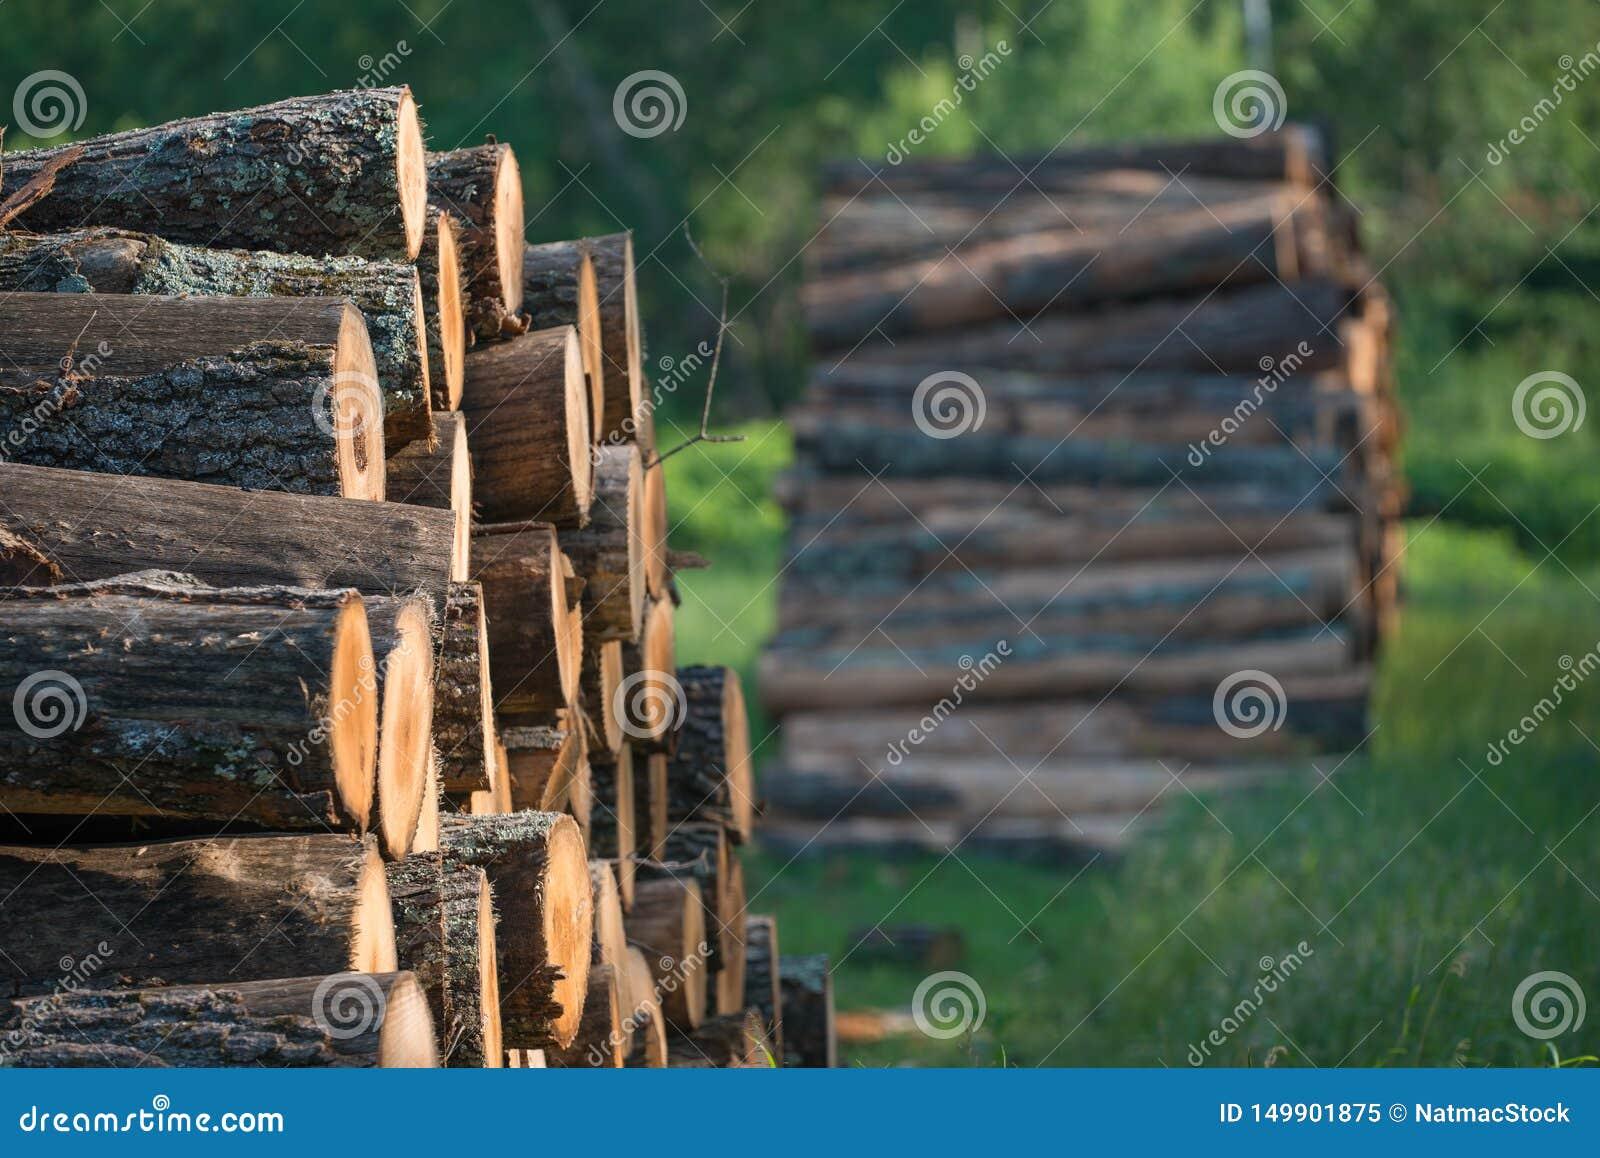 Pilas de árboles registrados apilados del gobernador Knowles State Forest en Wisconsin septentrional - DNR tiene bosques de traba